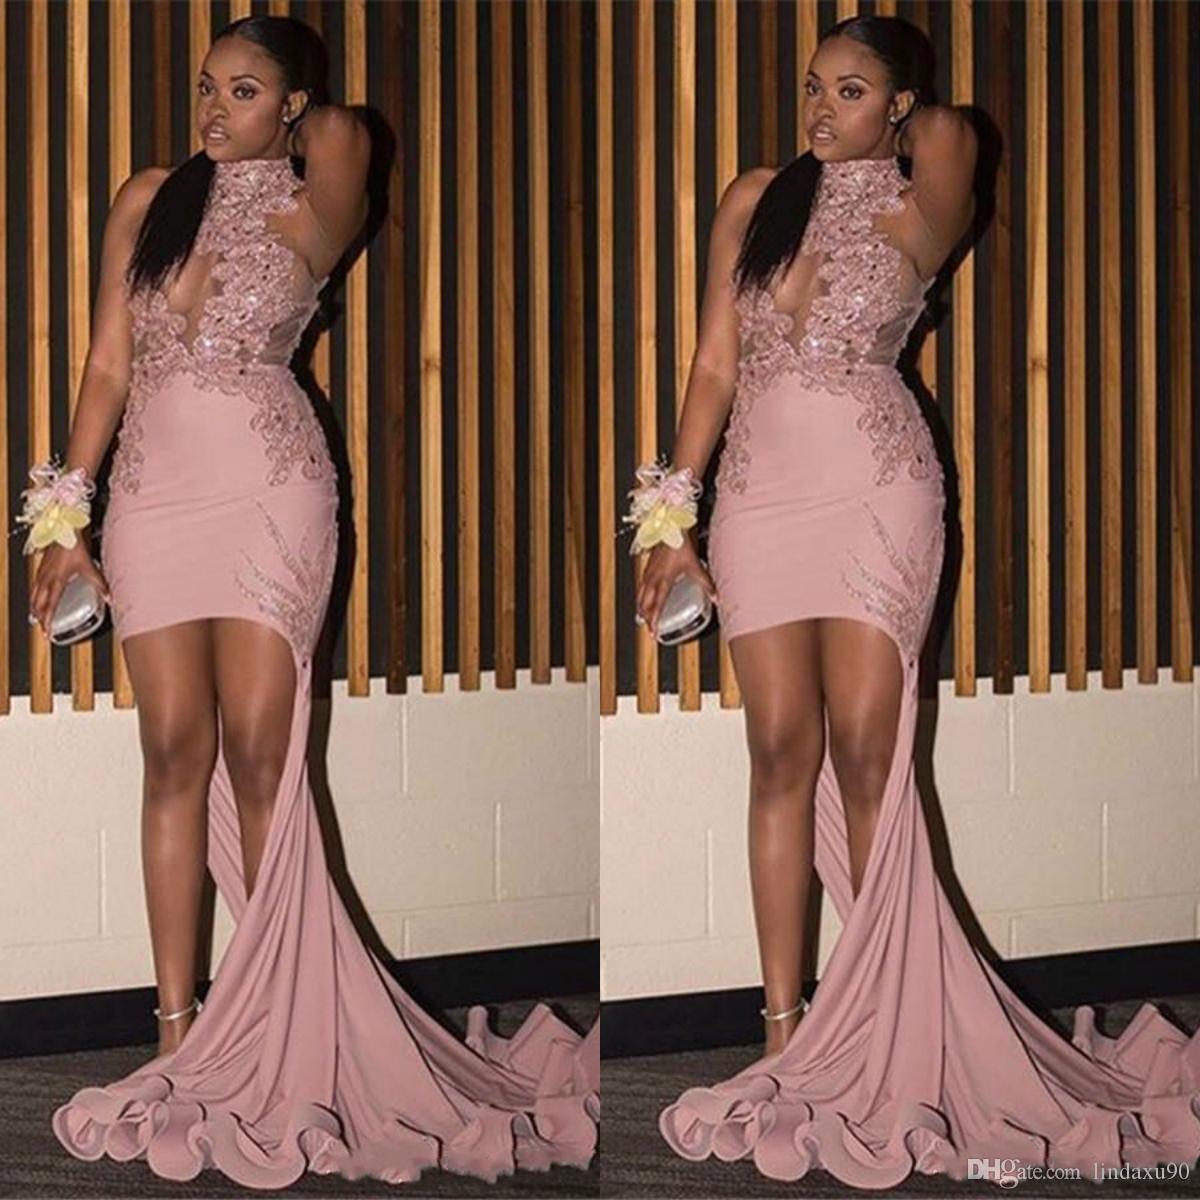 Africani ragazze rosa della sirena Prom Dresses 2019 abito da Spalato lunghi abiti da sera con applicazioni di paillettes partito pura sexy alto collo